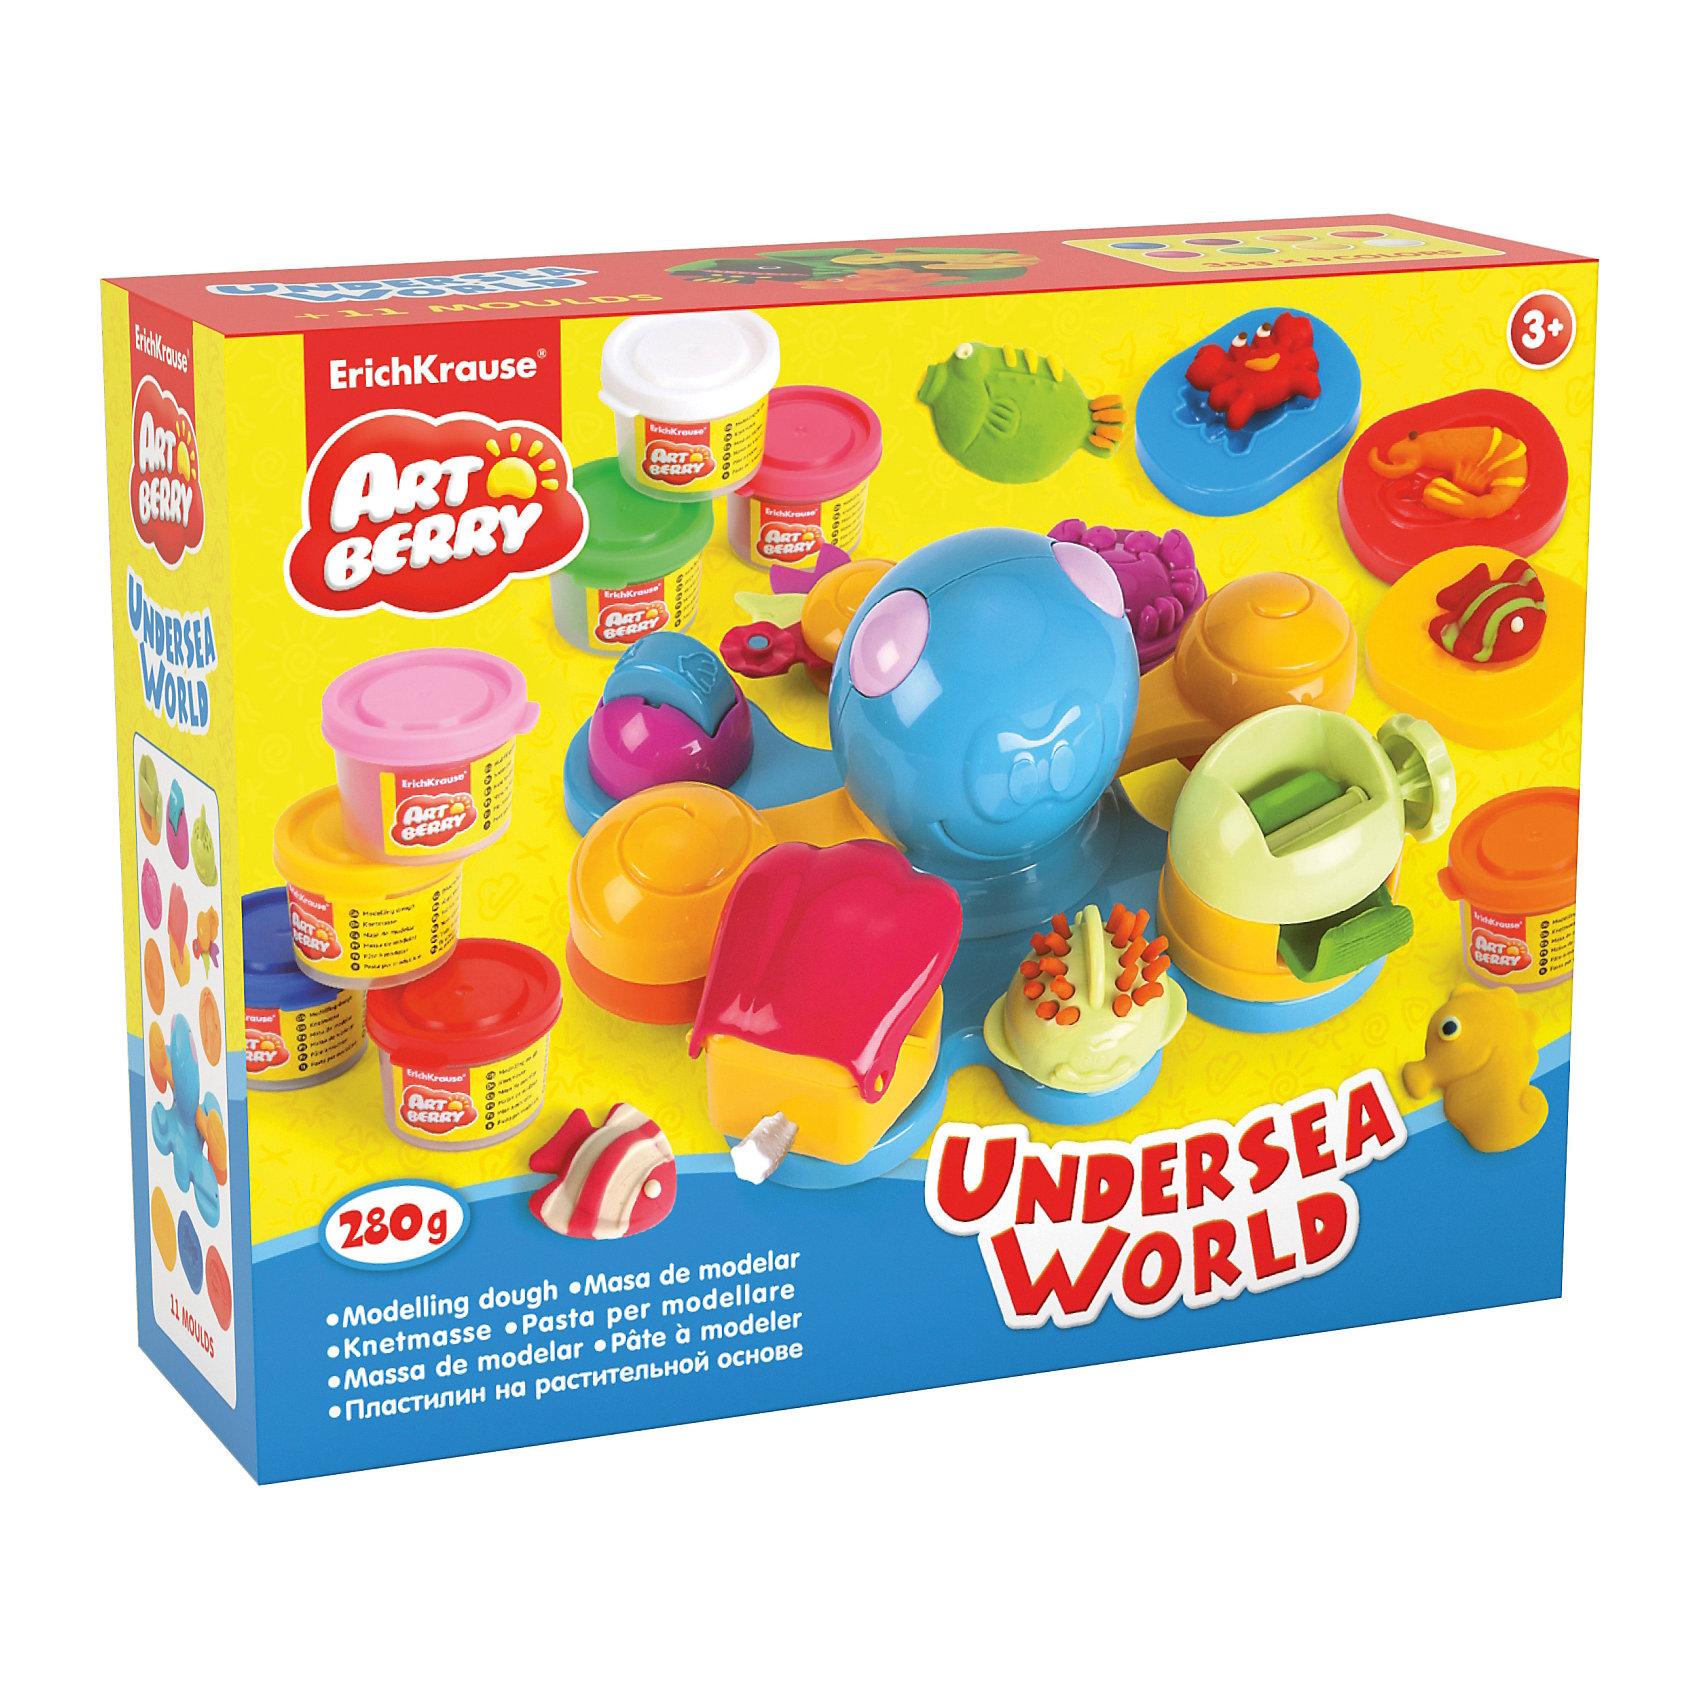 Набор для лепки: Пластилин на растительной основе Undersea World 8 цветов по 35гСостав: 8 цветов пластилина по 35 г + осьминог - игрушка, 3 объемных формочки, фигурный нож, насадка-штамп, насадка-валик, насадка-рыбка, насадка-крабик, насадка-пресс. Упаковка: картонная коробка в термоплёнке<br><br>Ширина мм: 355<br>Глубина мм: 275<br>Высота мм: 117<br>Вес г: 1166<br>Возраст от месяцев: 60<br>Возраст до месяцев: 216<br>Пол: Унисекс<br>Возраст: Детский<br>SKU: 5409340